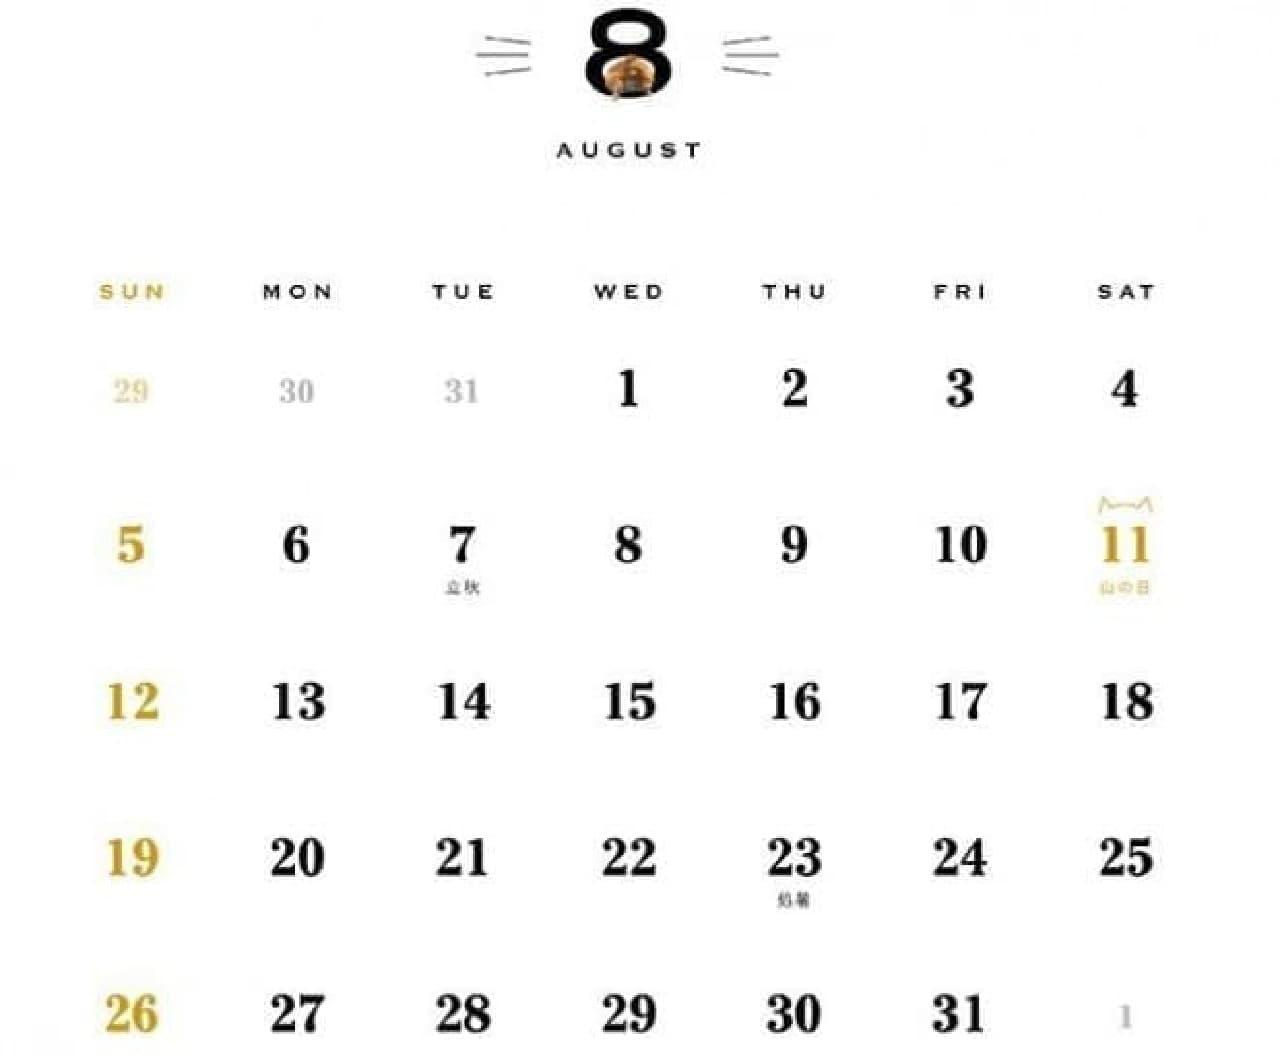 2018 ぶさにゃんカレンダー